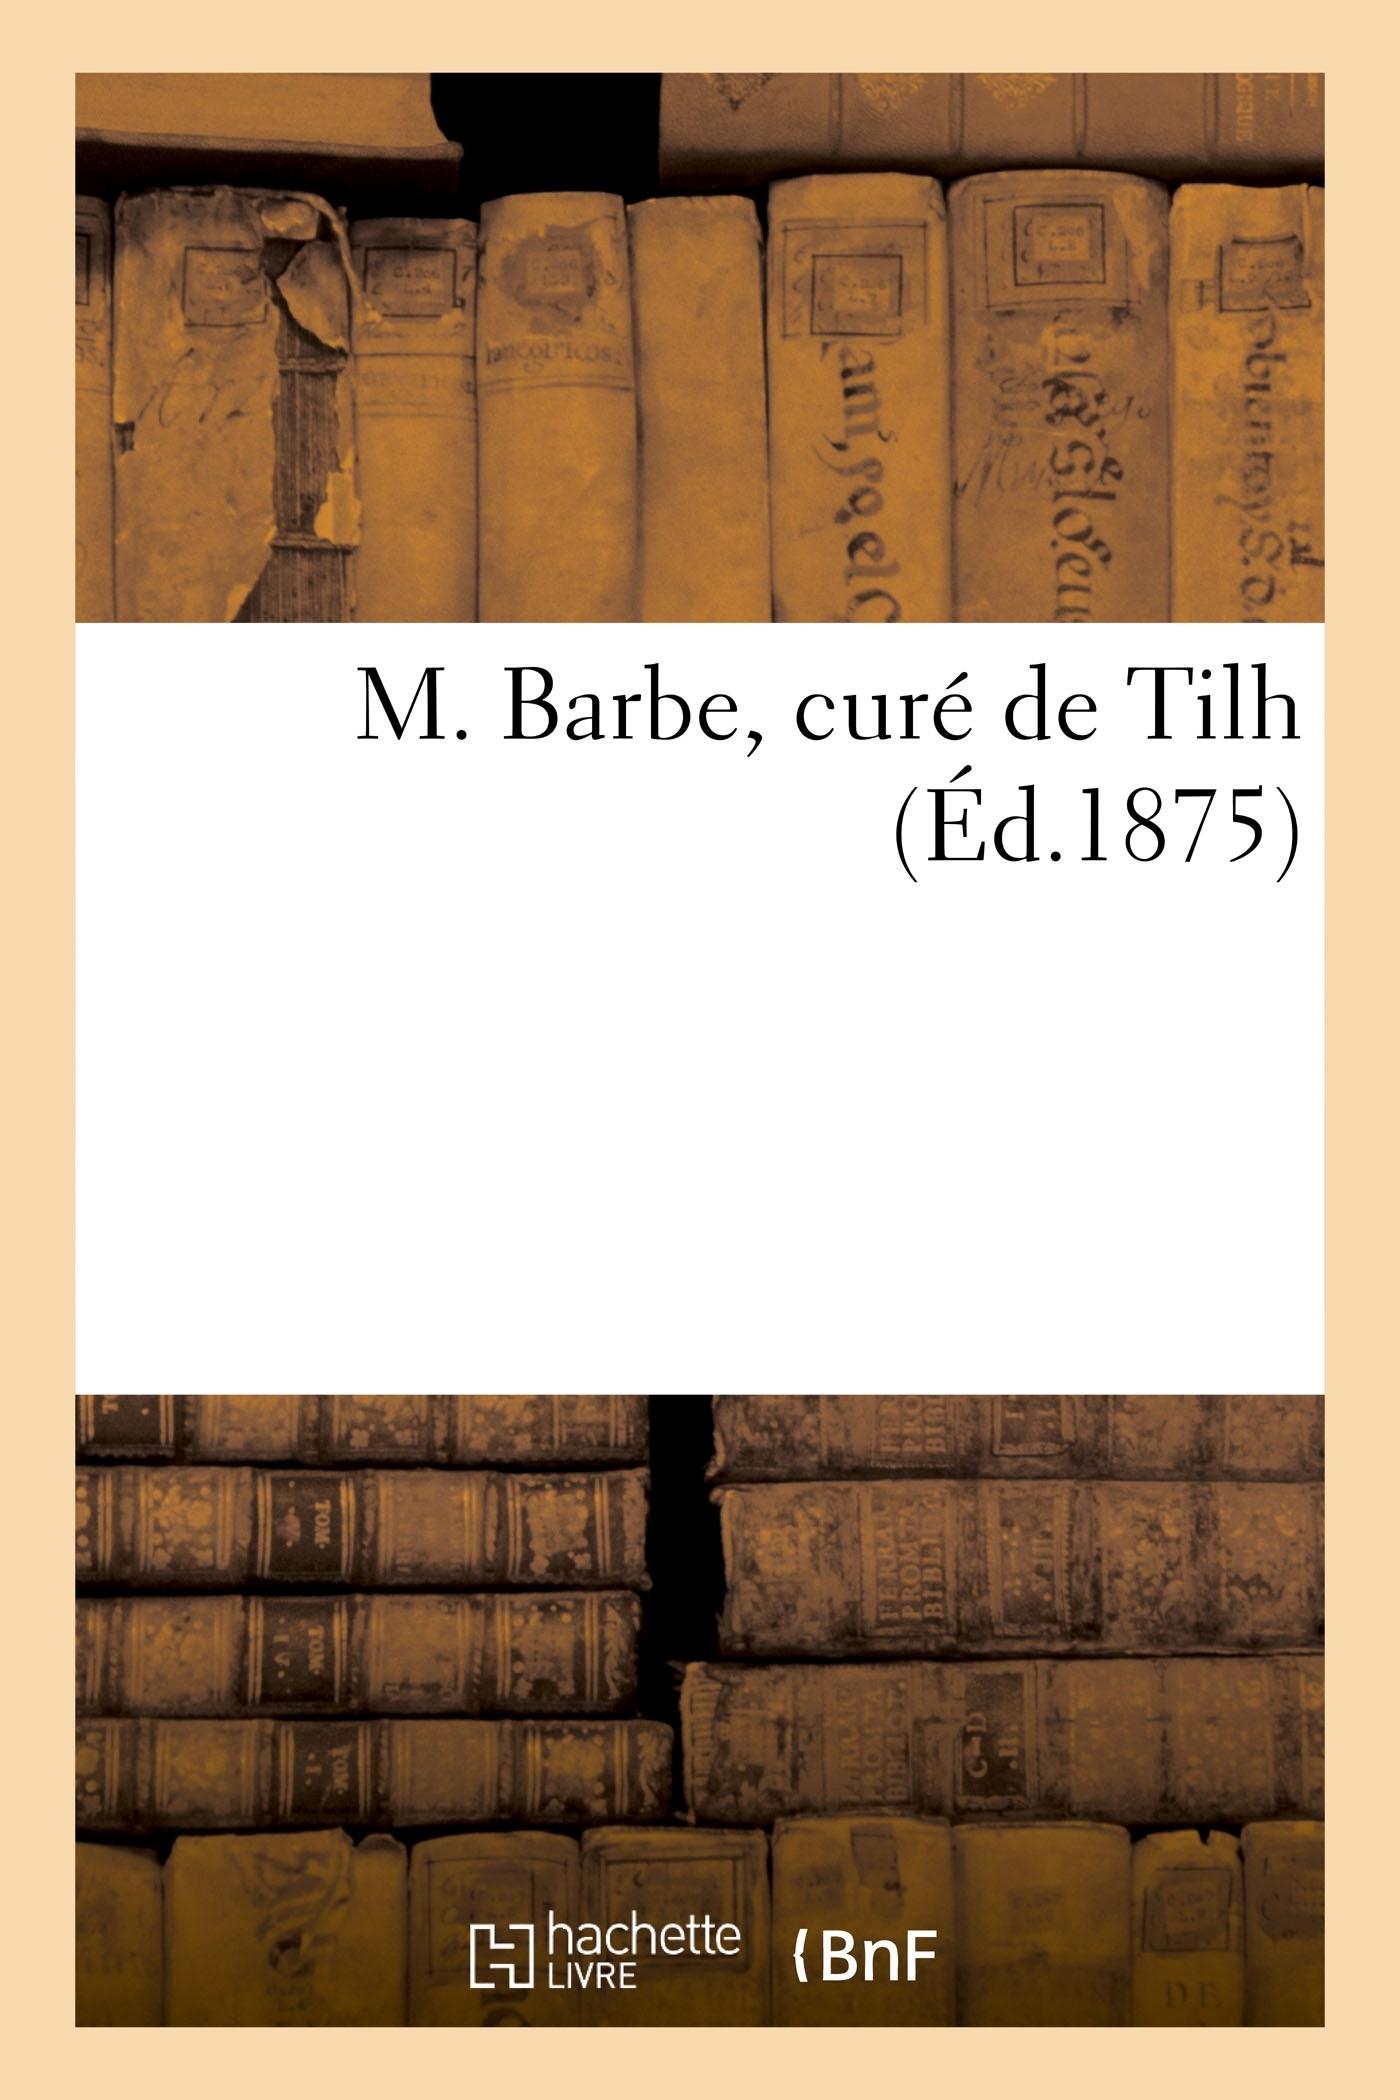 M. BARBE, CURE DE TILH